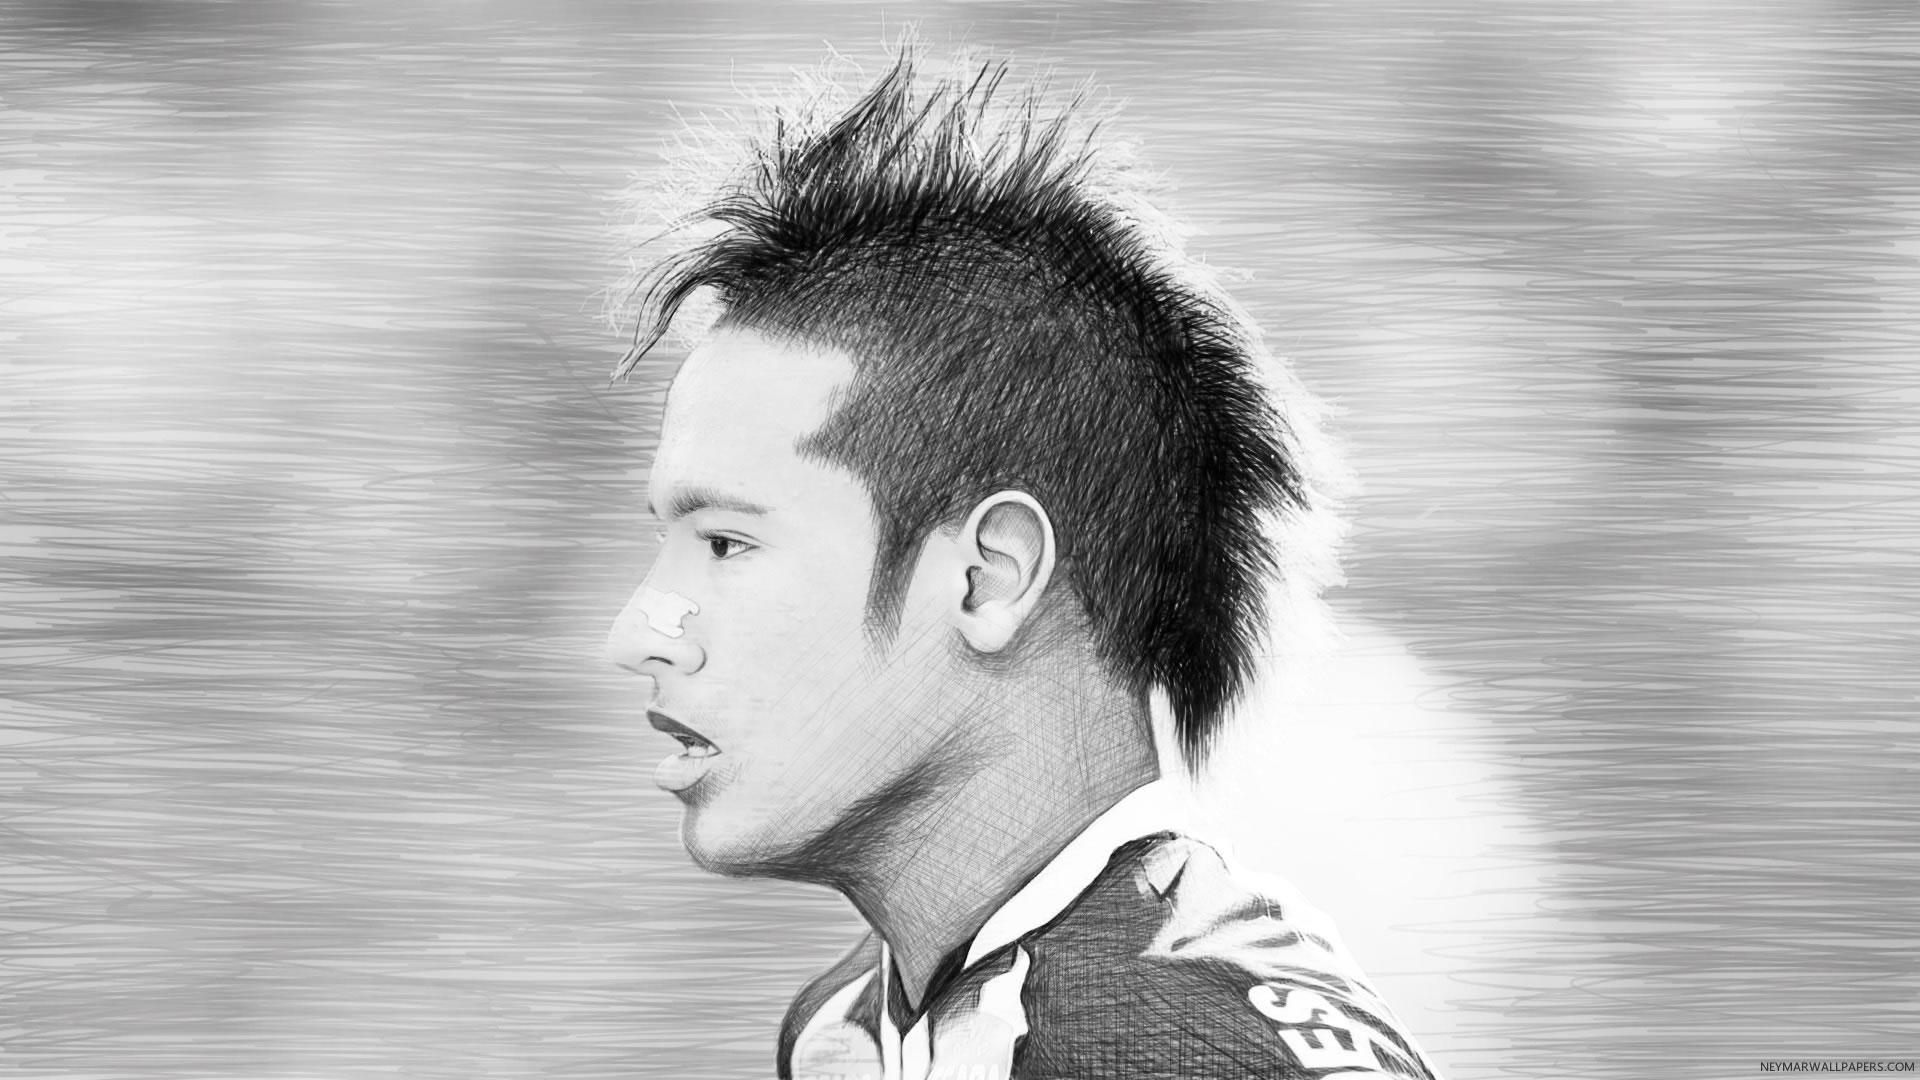 Neymar head sketch wallpaper